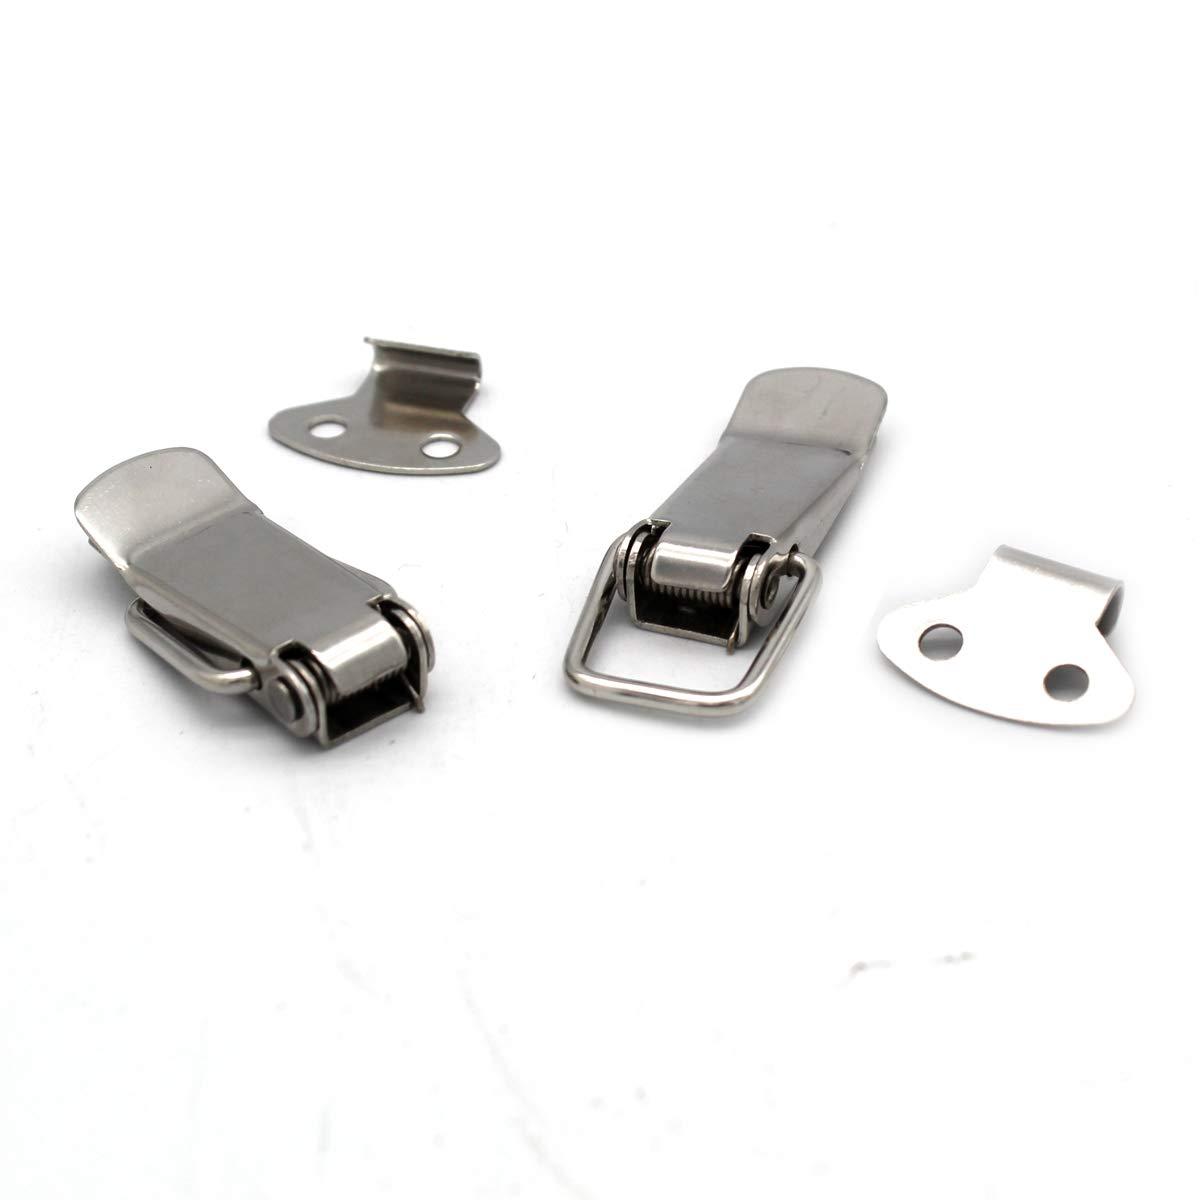 Silver HS-010 Ymwave 8 Pi/èces Fermeture a Levier Fermeture /à Ressort Loquet Bascule en Acier Inoxydable Pour Coffre /à Outils,Tiroir,Armoire et Coffre